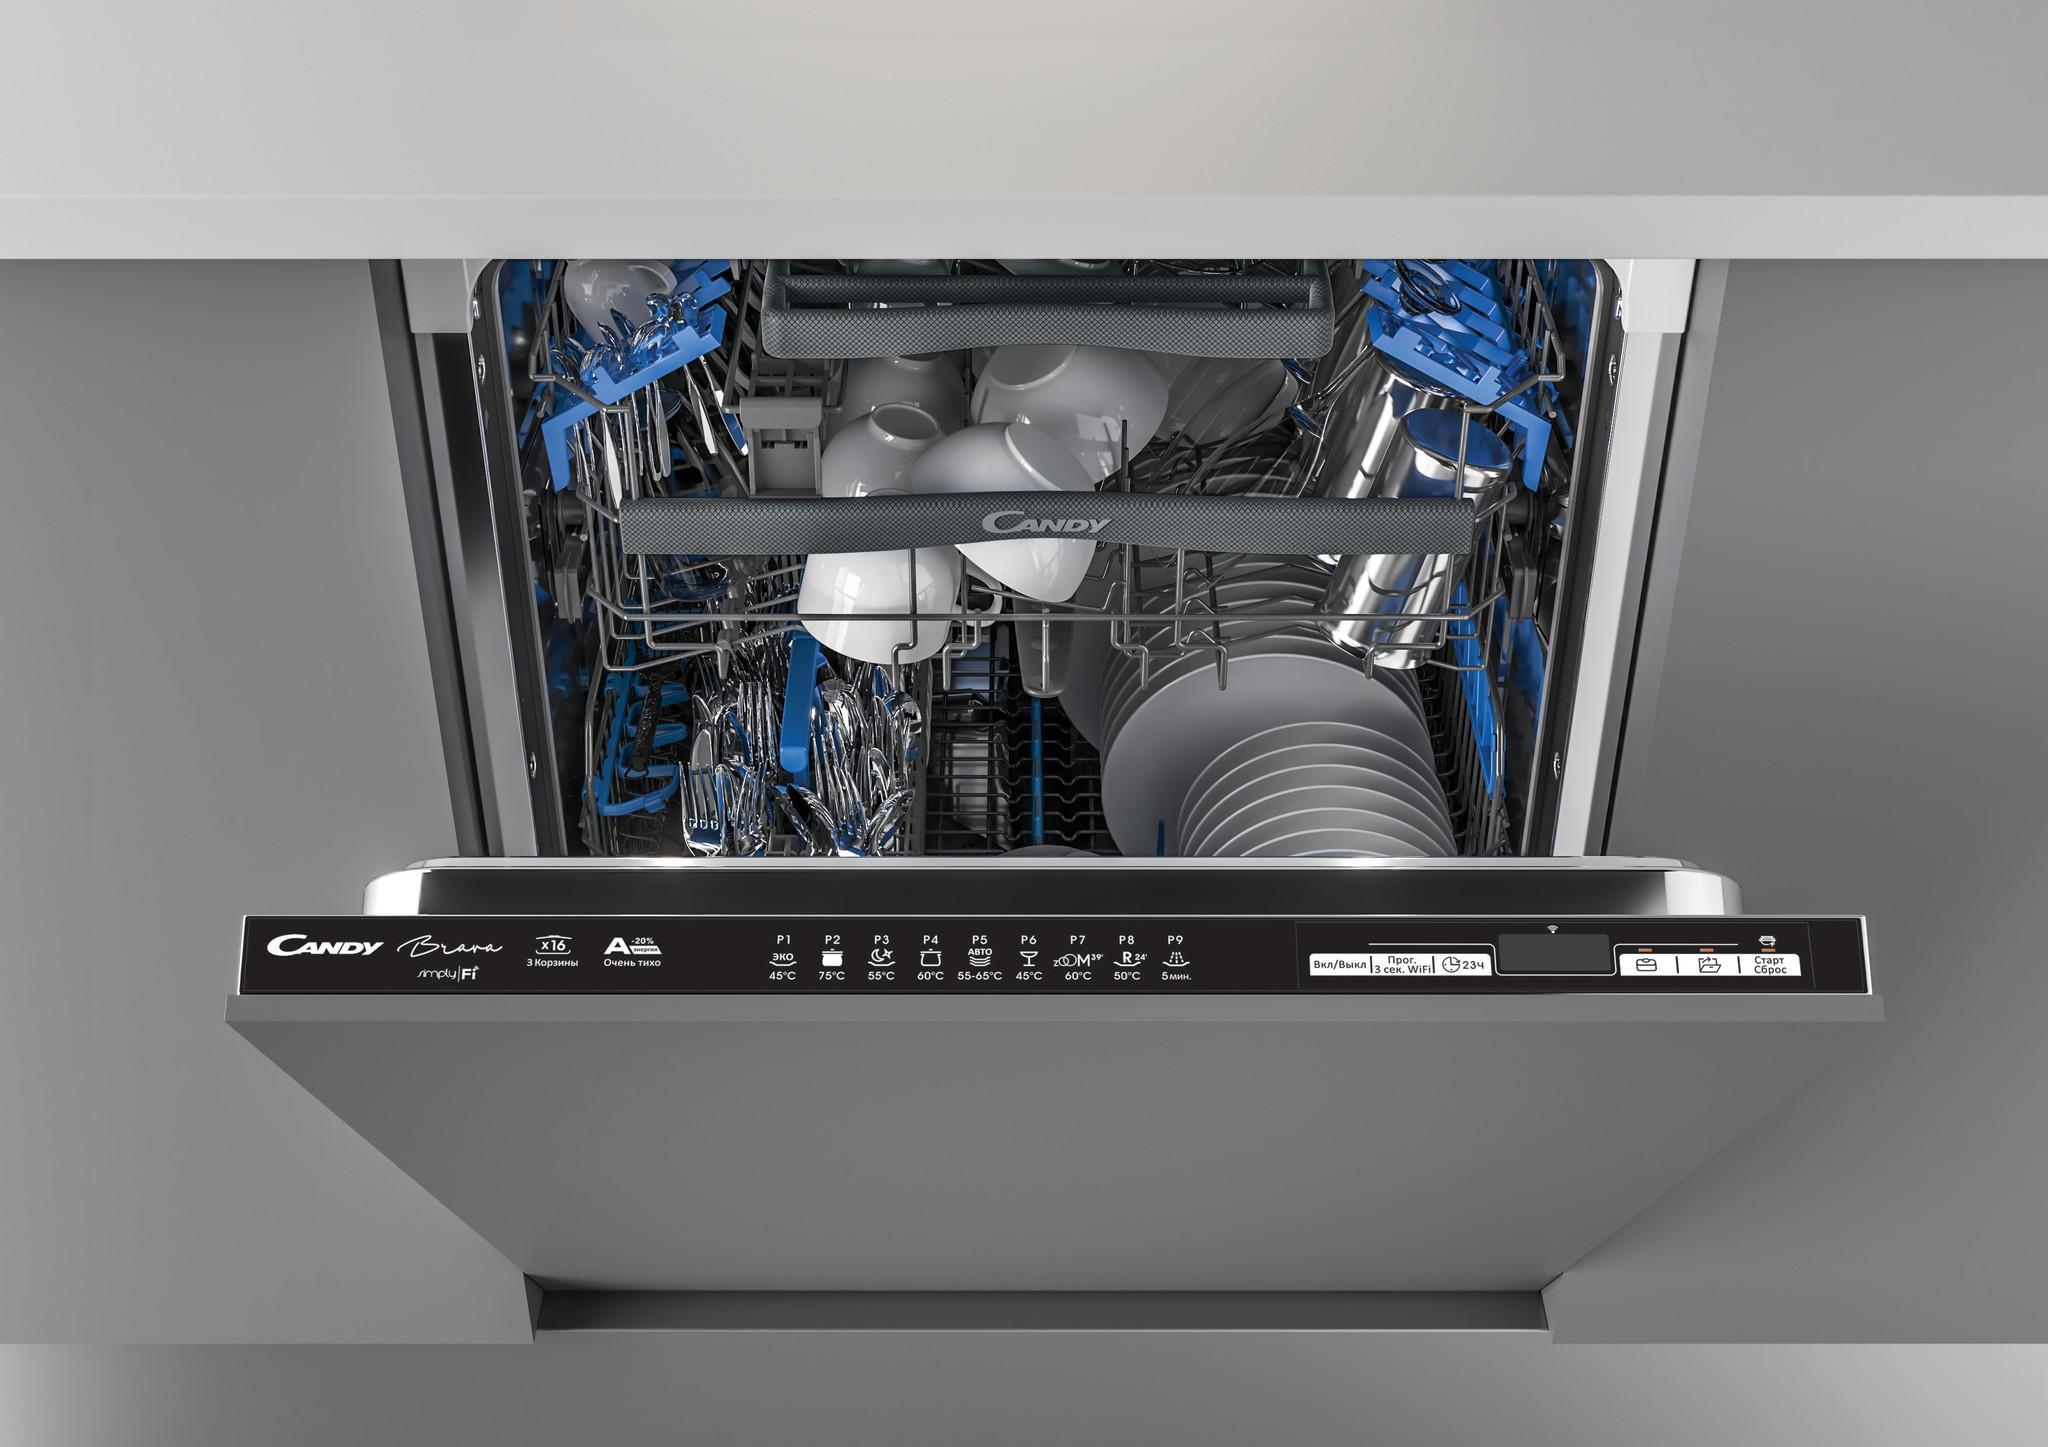 Посудомоечная машина Candy Brava CDIN 3D632PB-07 фото